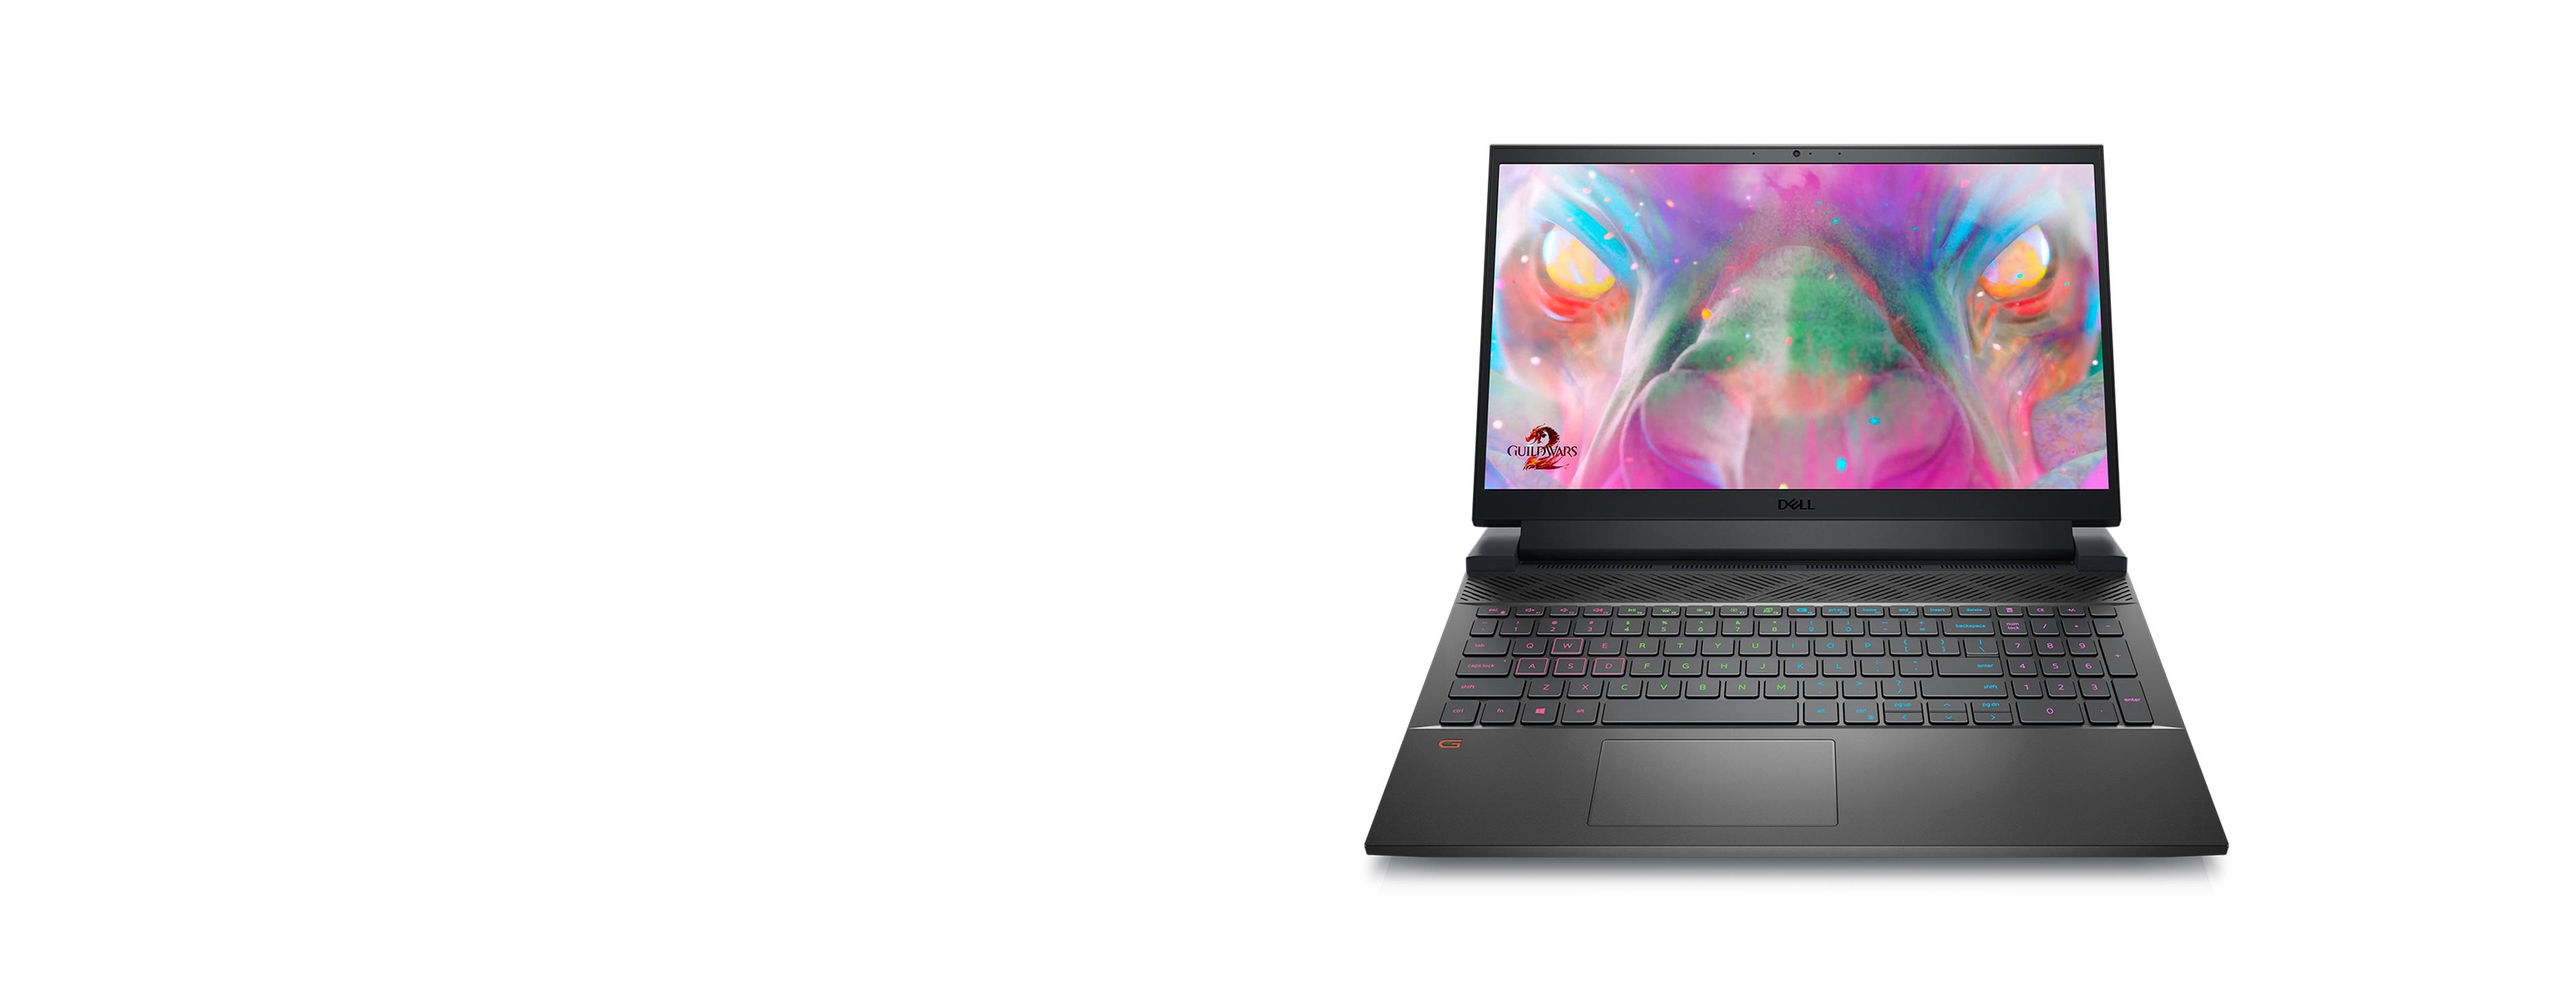 XPS 17 노트북